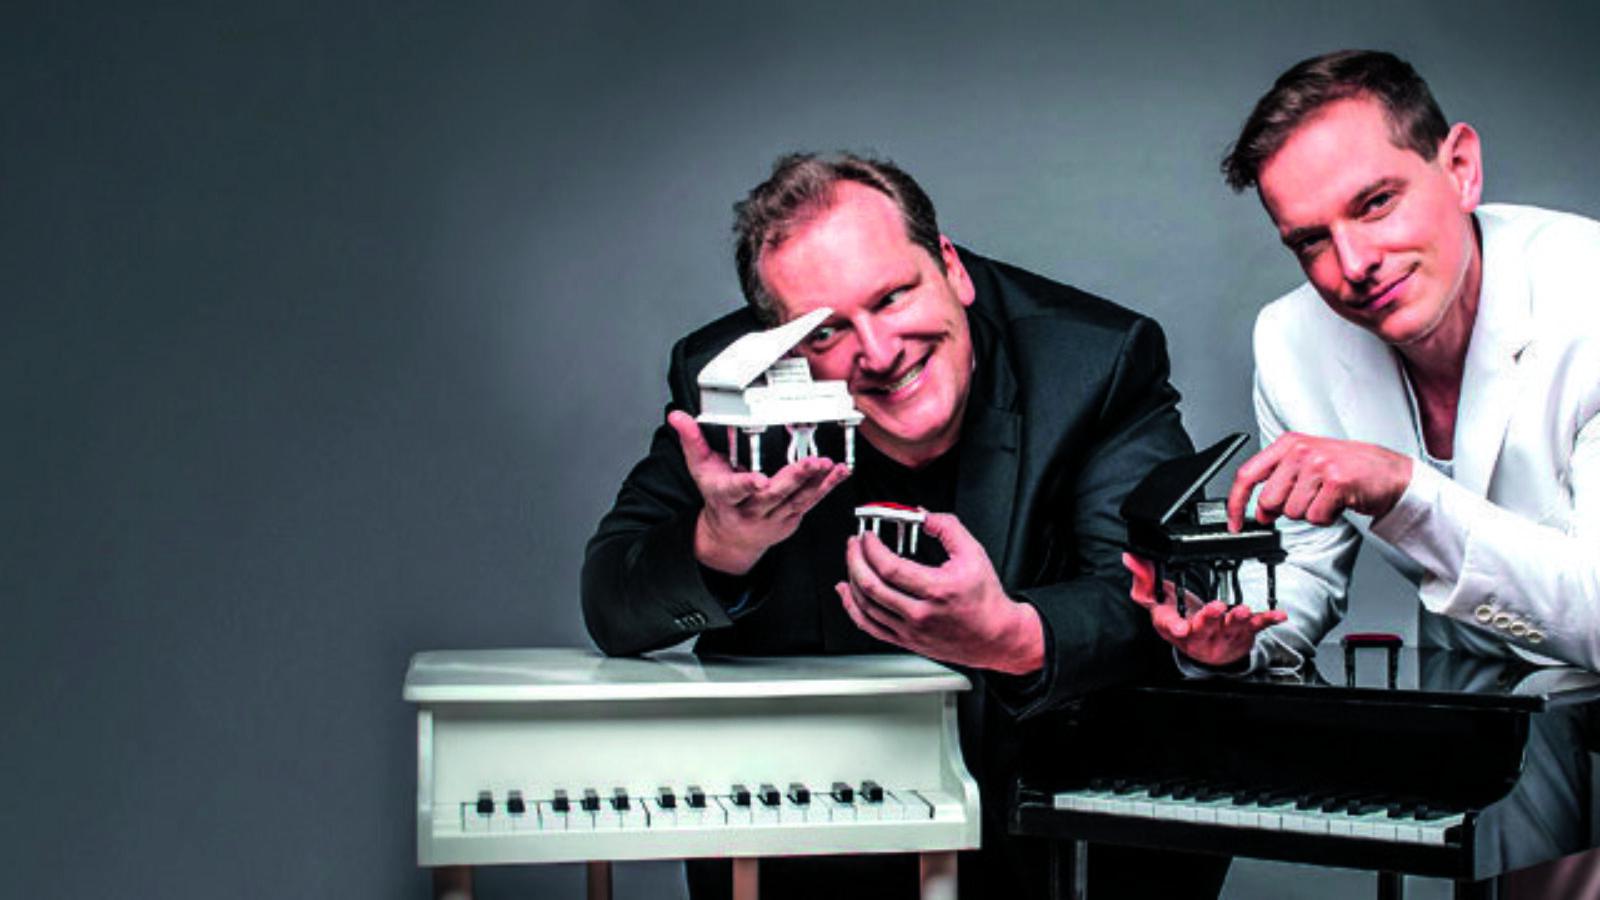 Theater-Tipps: David & Götz: Die Showpianisten  30.10., Komödie Winterhuder Fährhaus